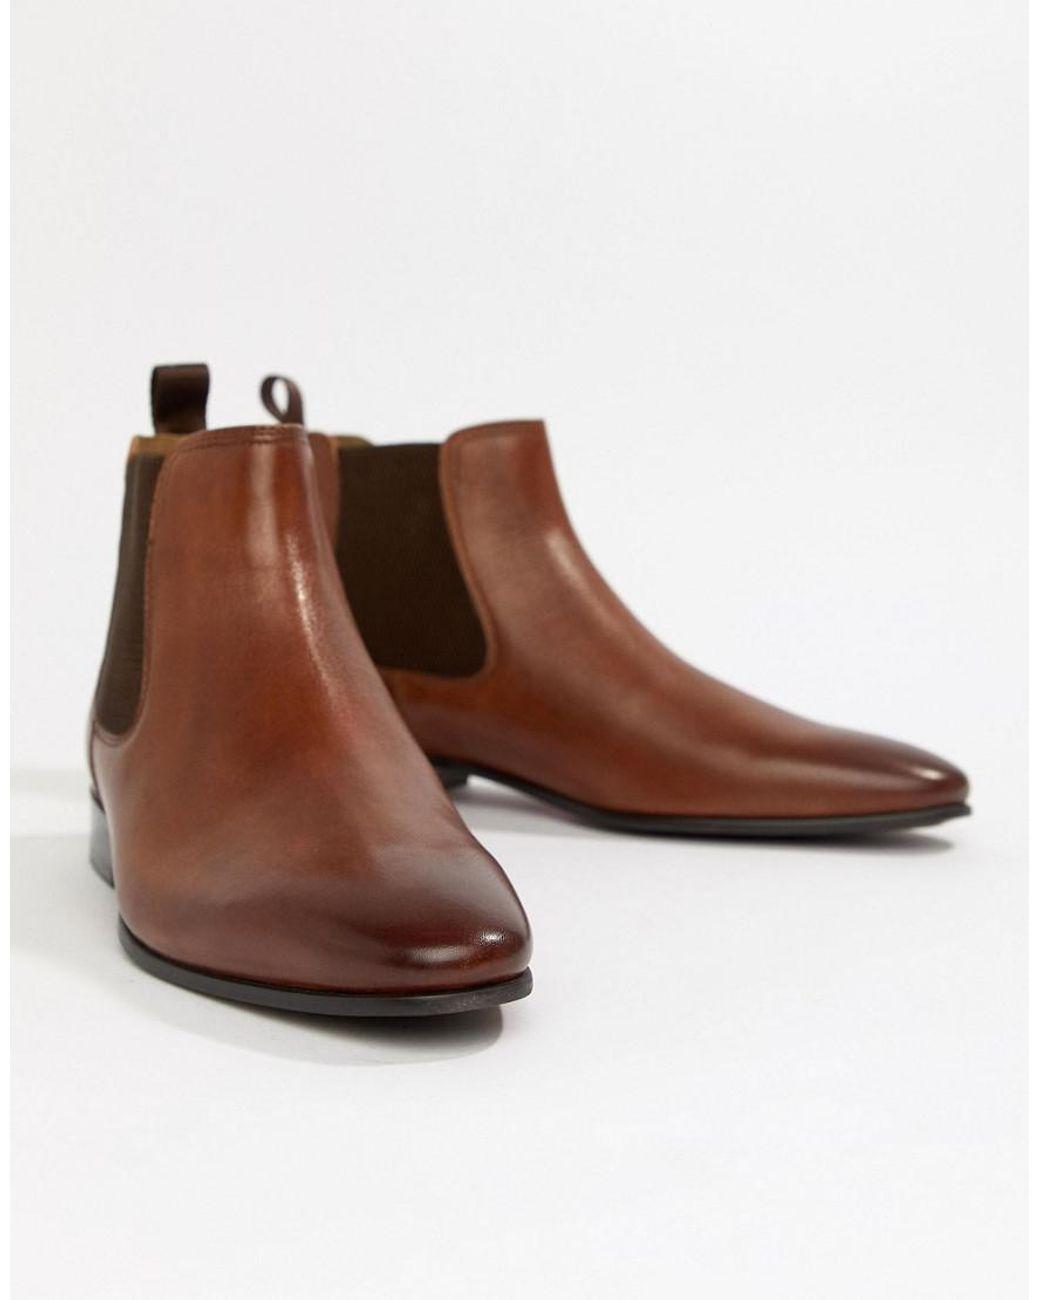 7ea77de9bd4 ALDO Chenadien Chelsea Boots In Tan Leather in Brown for Men - Lyst